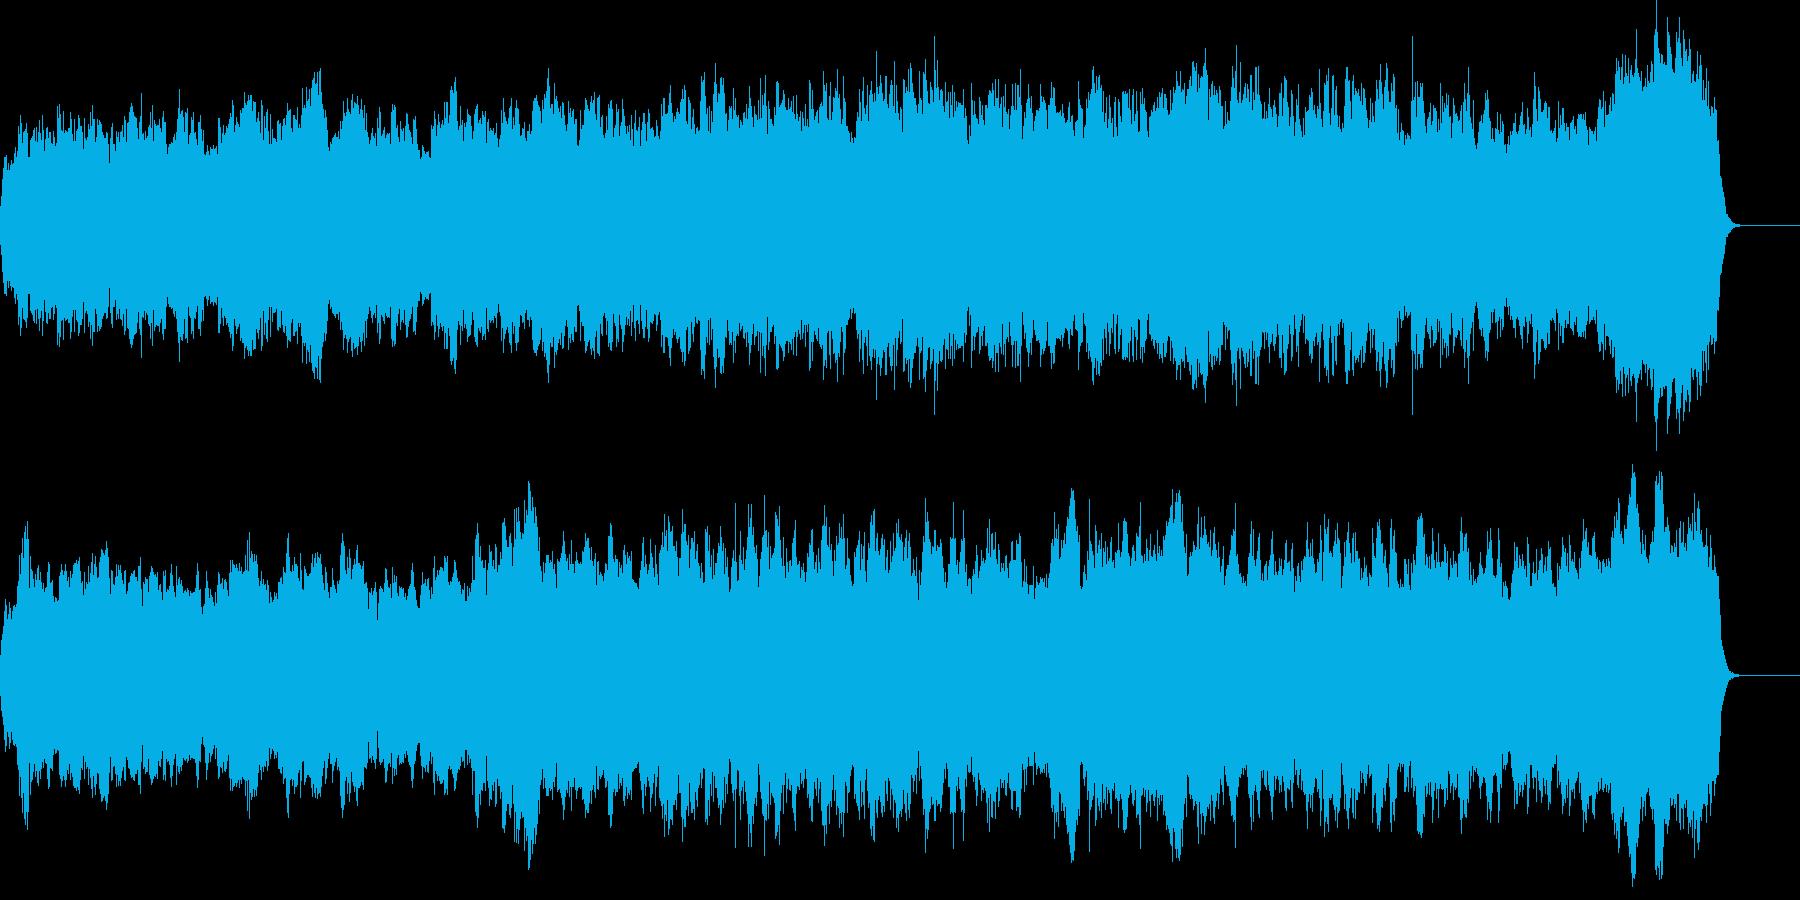 バッハのパイプオルガンのようなオルガン曲の再生済みの波形